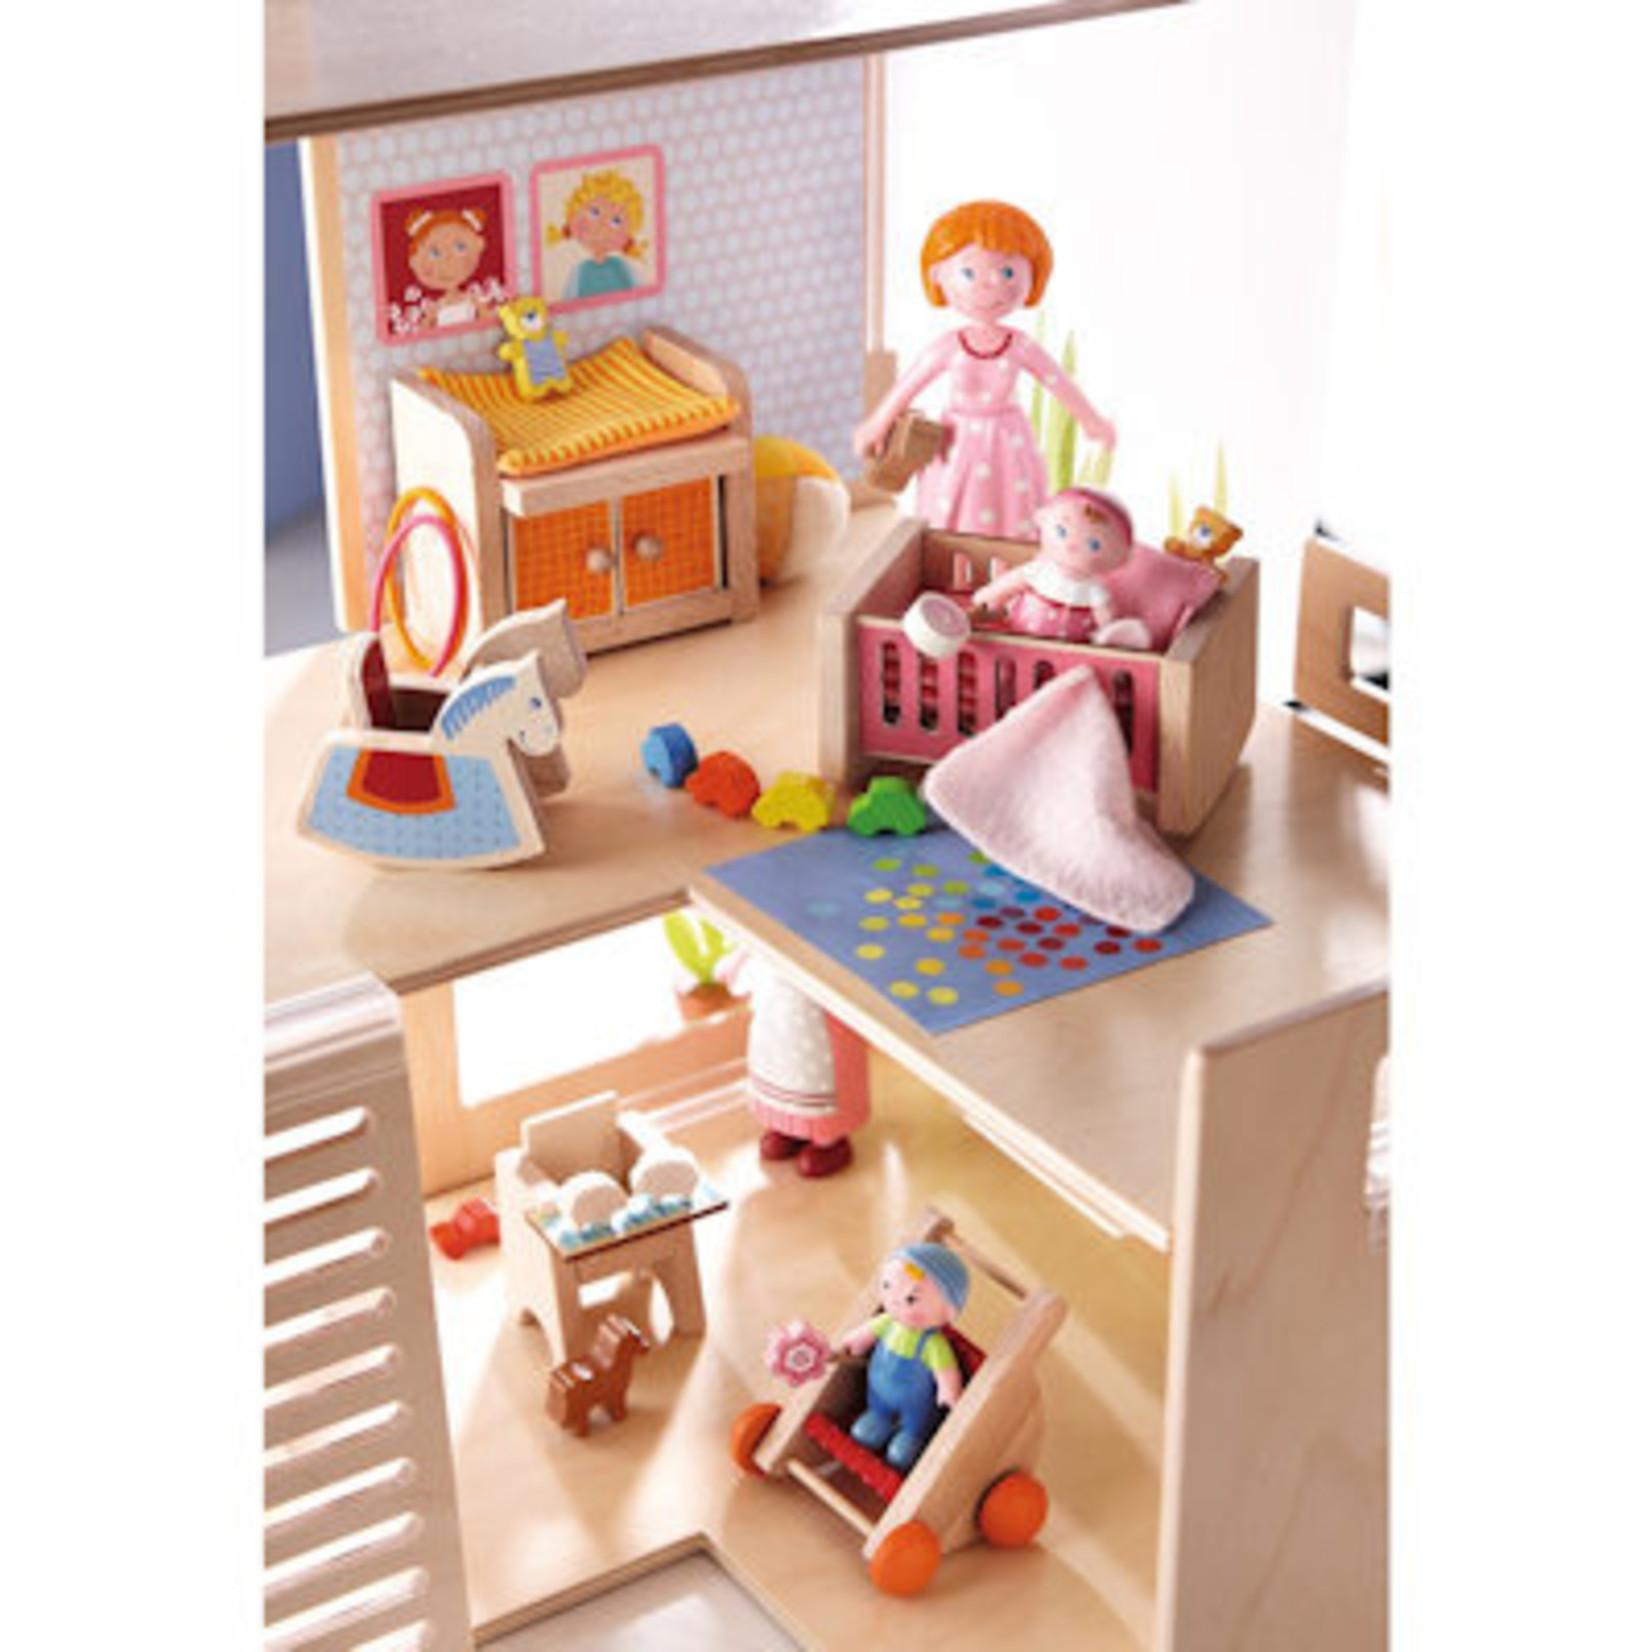 Haba LF poppenhuismeubeltjes Kinderkamer